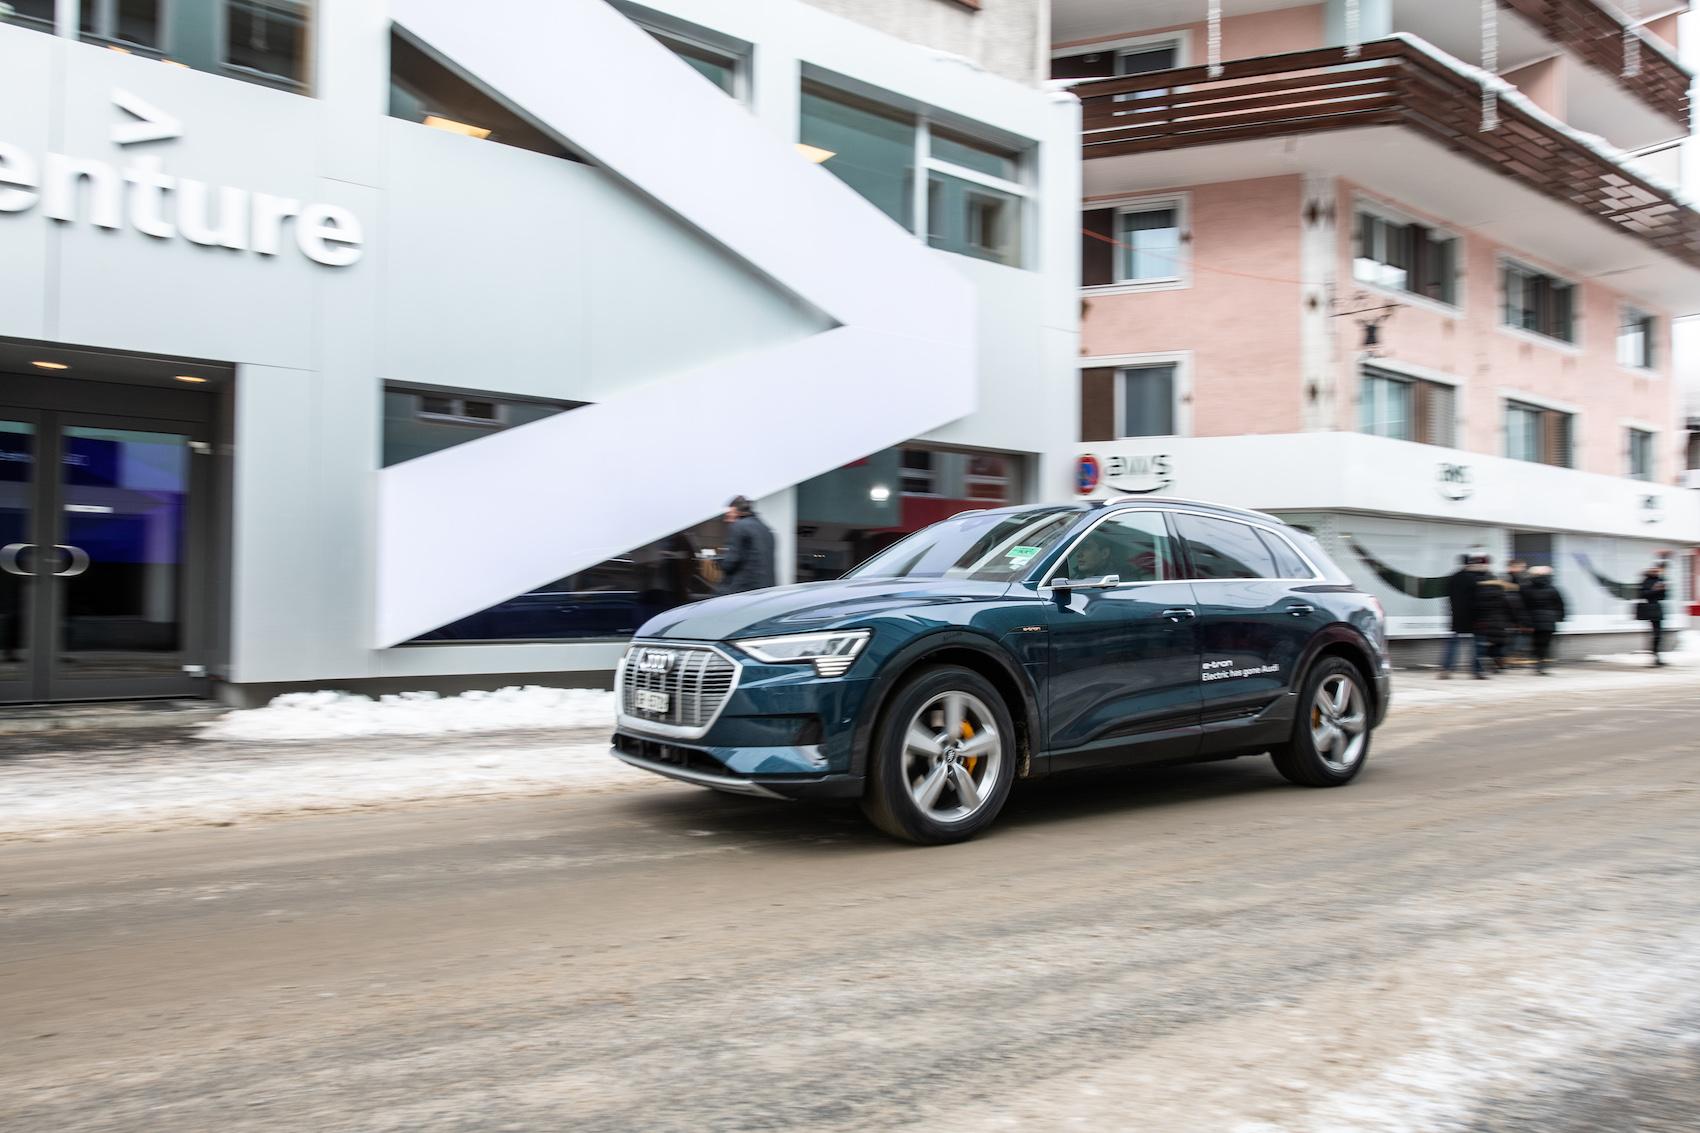 Die Audi-Shuttles bringen Davos zusammen – ohne Abgase, ohne Motorenwummern. (Foto: Adrian Bretscher.)